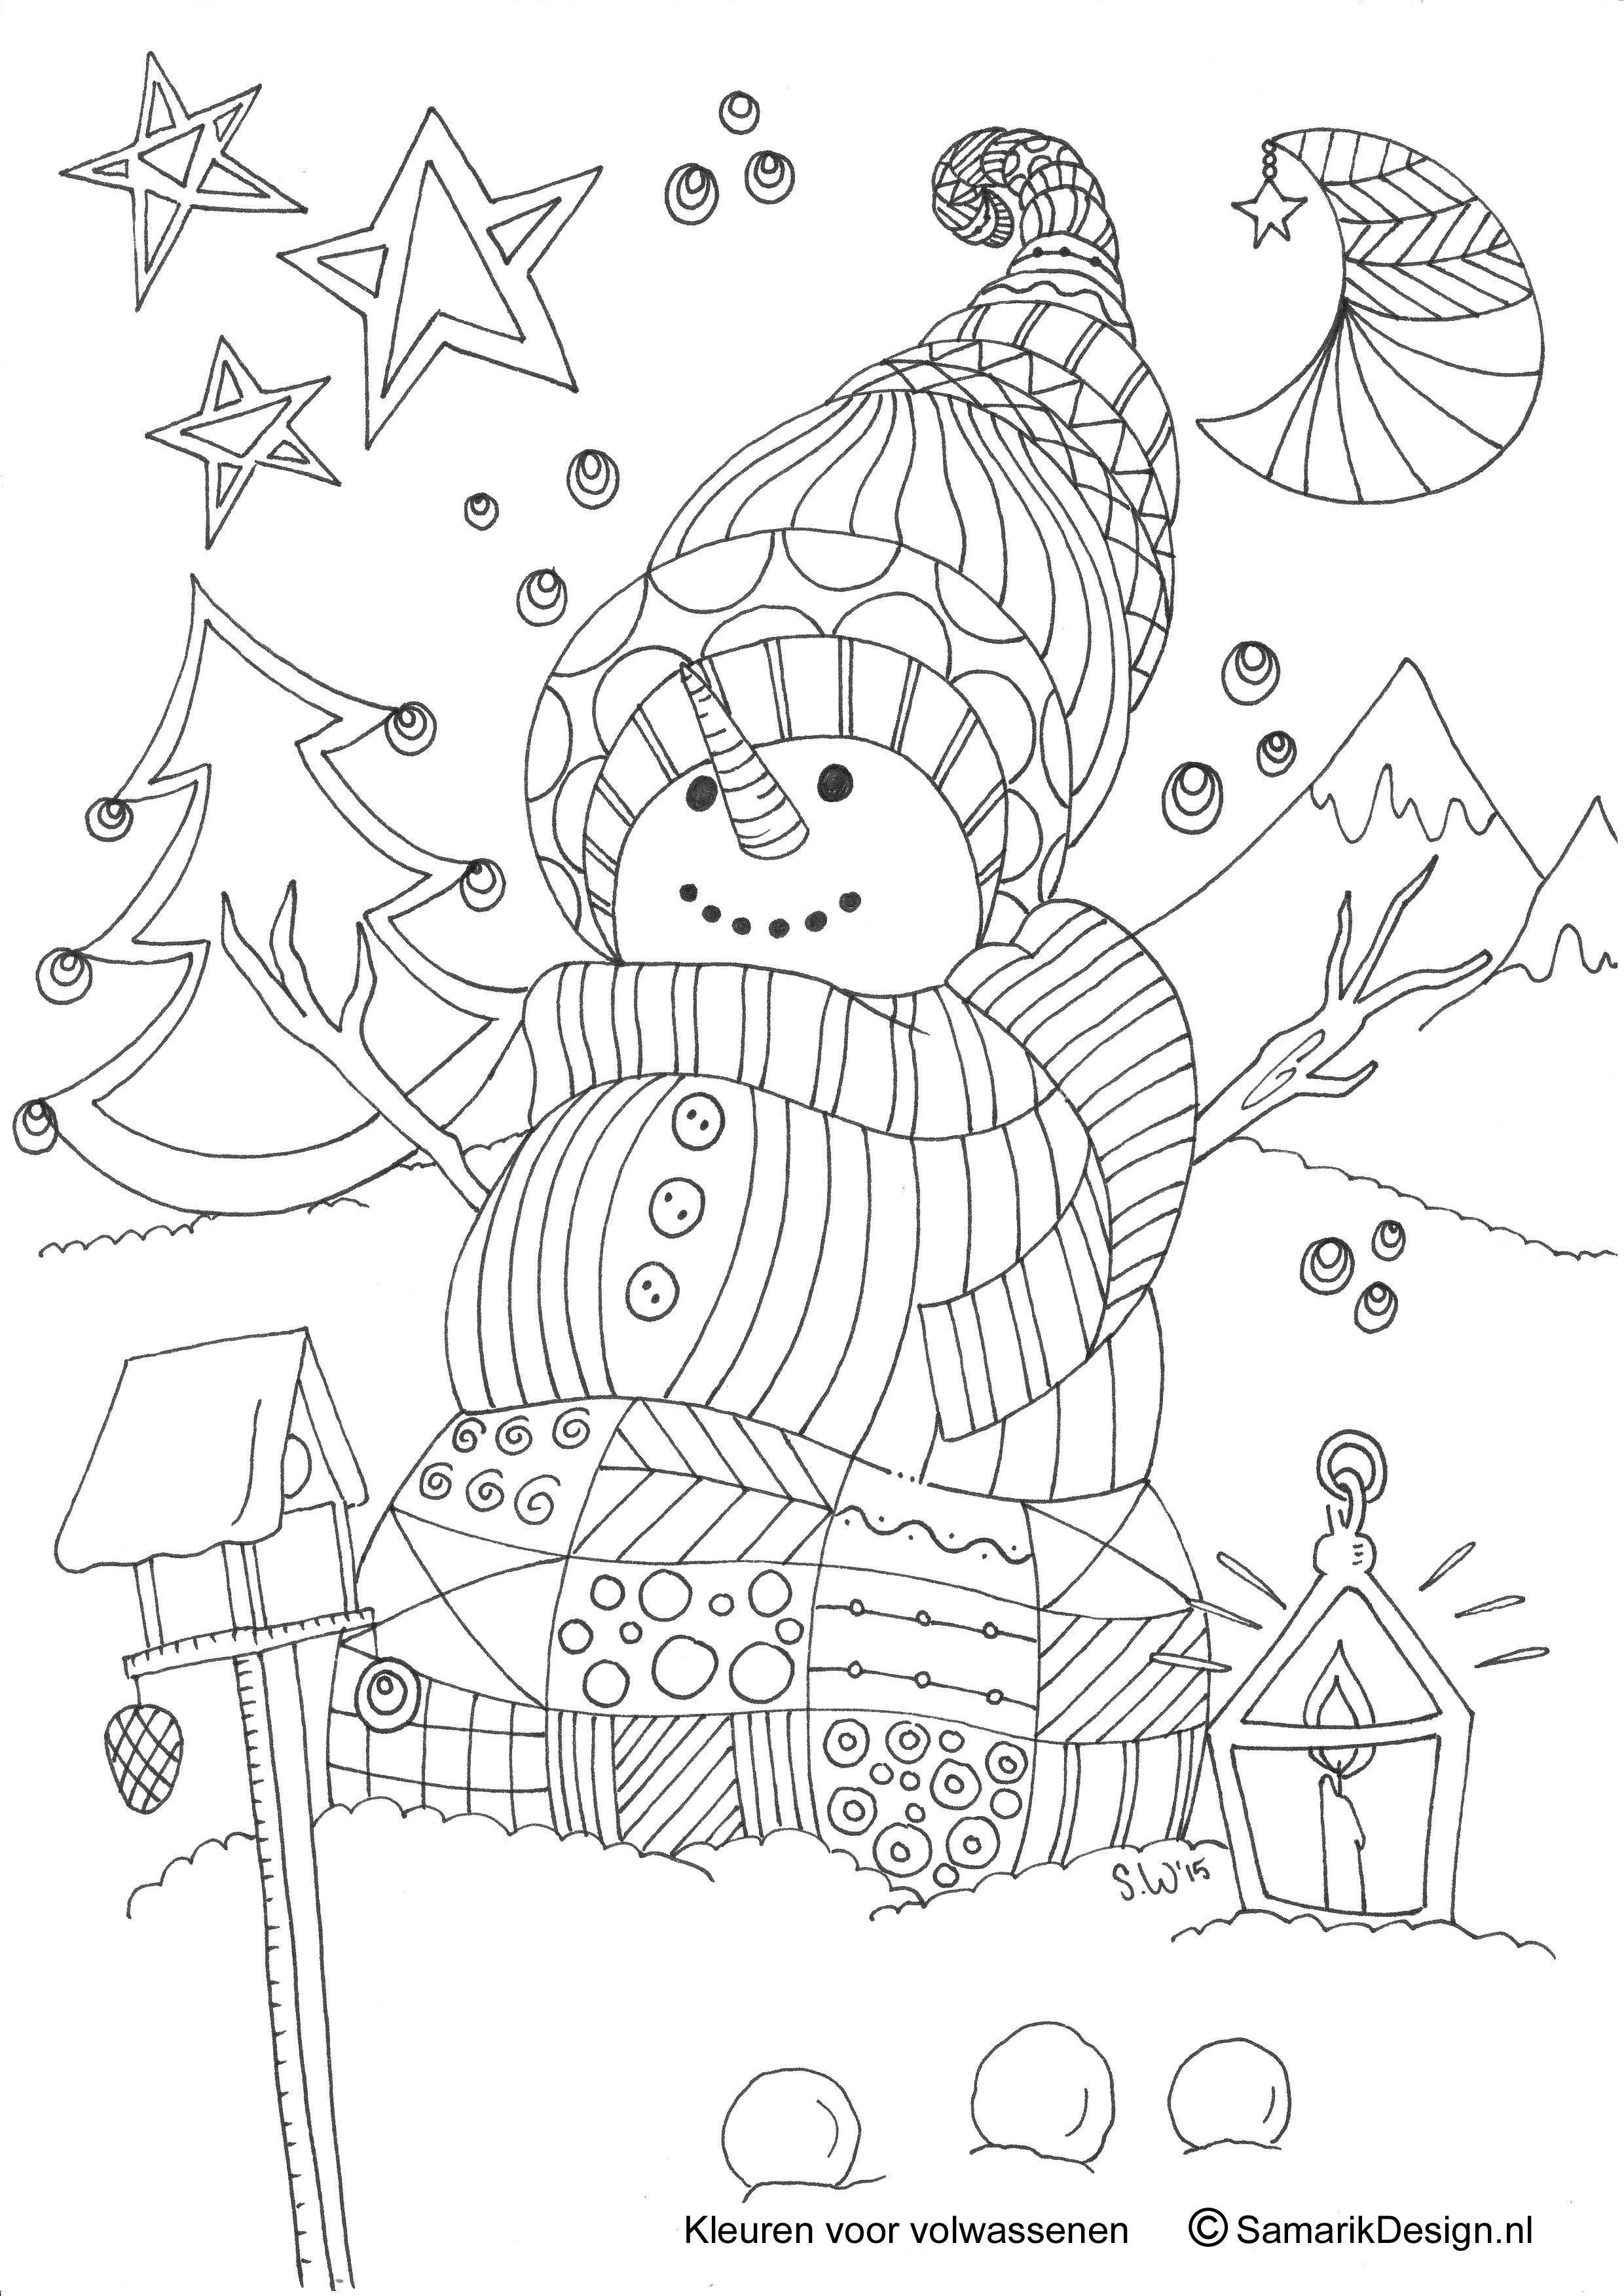 Kleurplaat Voor Volwassenen Printen Love Kleurplaat Voor Volwassenen Winter Kleurplaten Voor